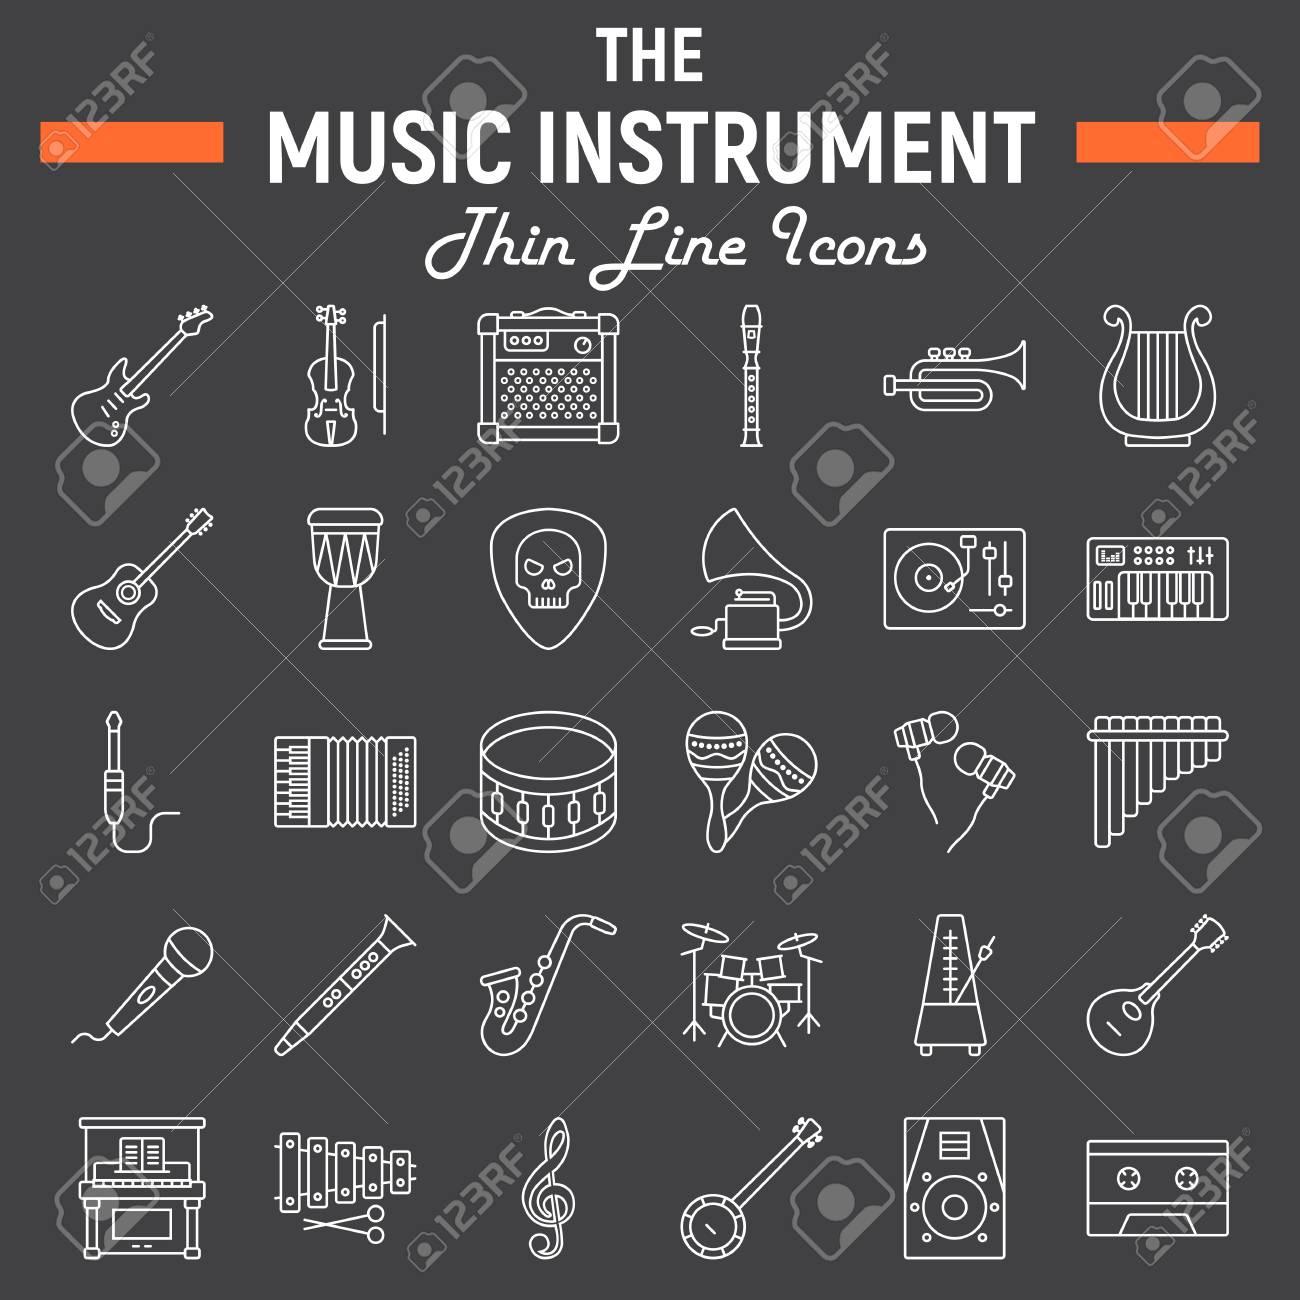 Instruments De Musique Ligne Jeu D'icônes, Collection De Symboles Audio,  Croquis De Vecteur D'outils Musicaux, Illustrations De Logo, Paquet De concernant Jeux De Musique En Ligne